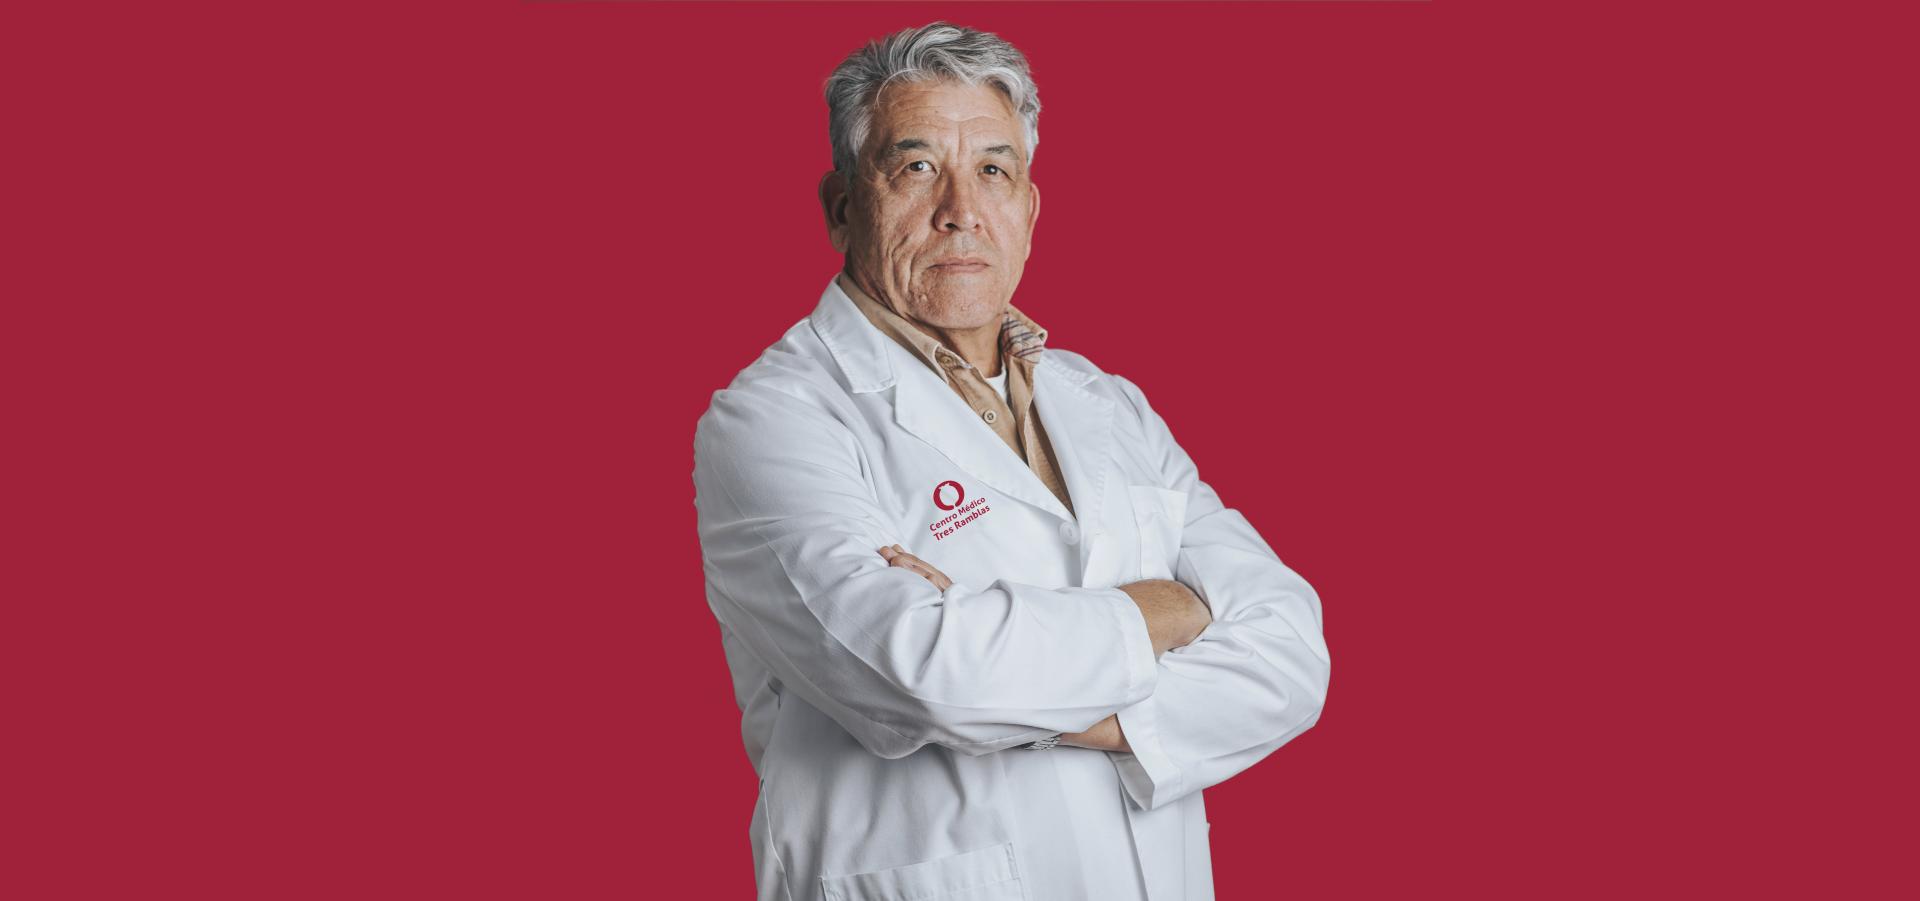 Dr. Jorge Merlo Romero